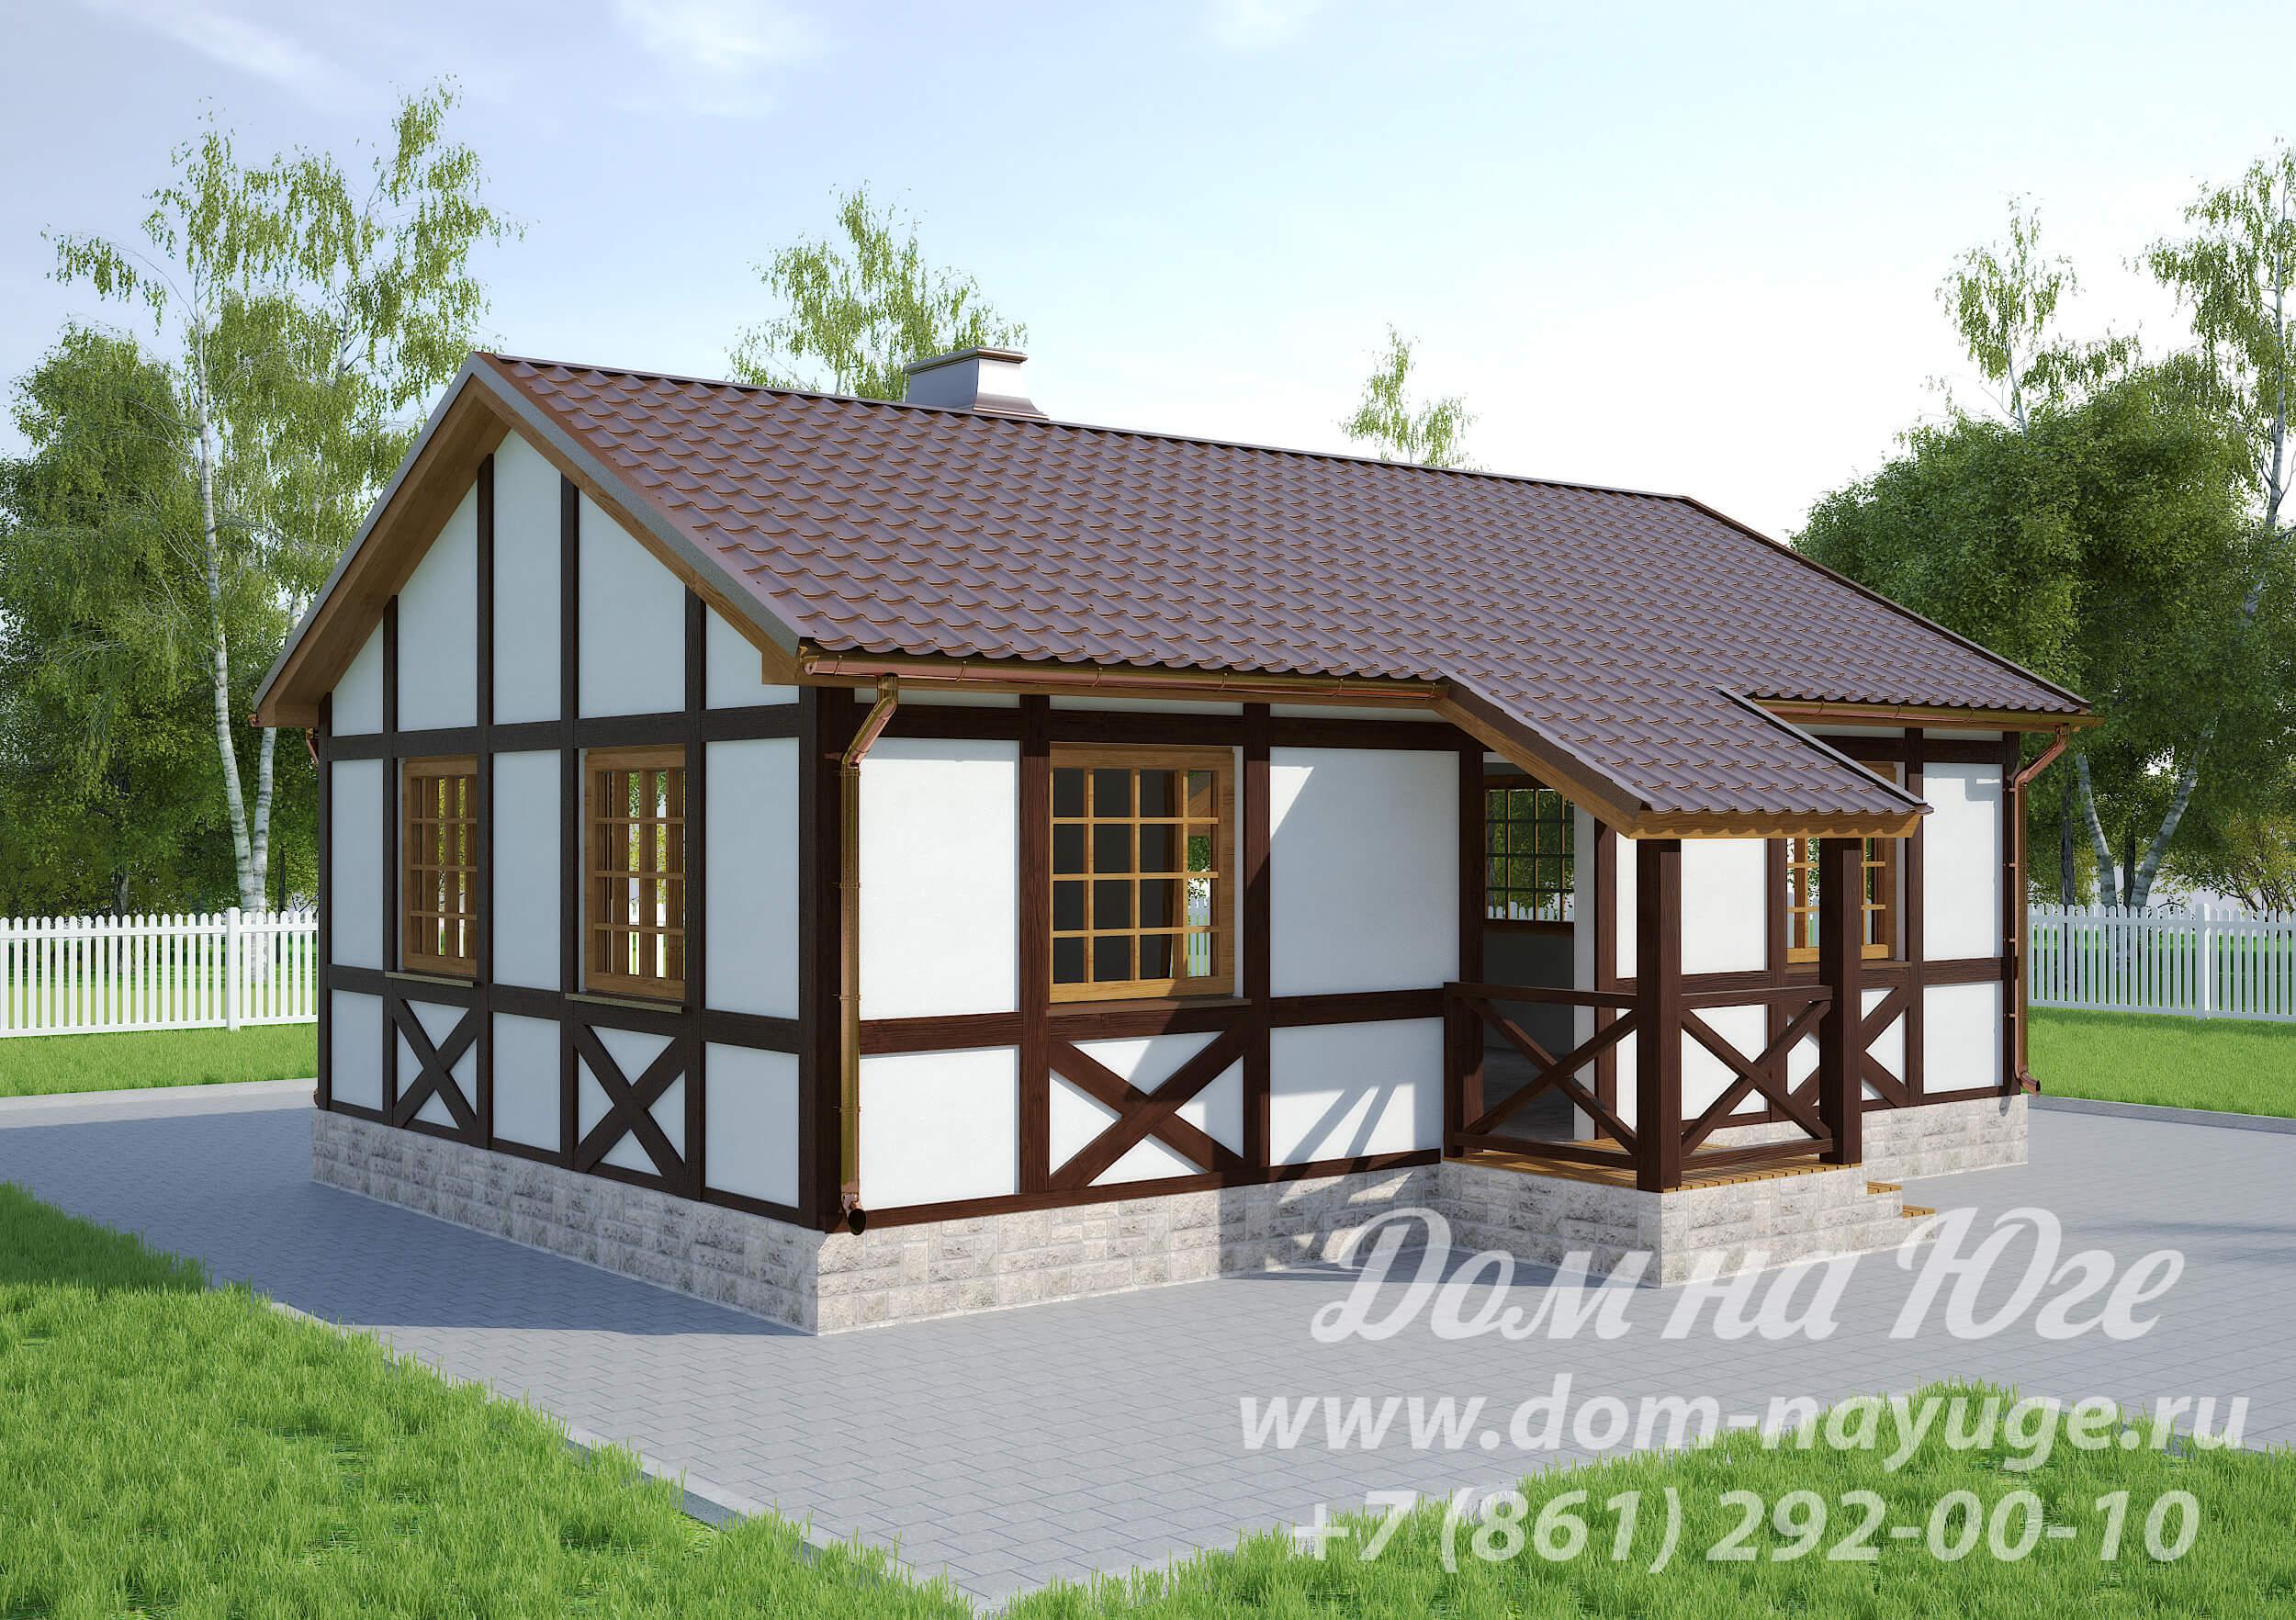 Купить одноэтажный каркасный дом